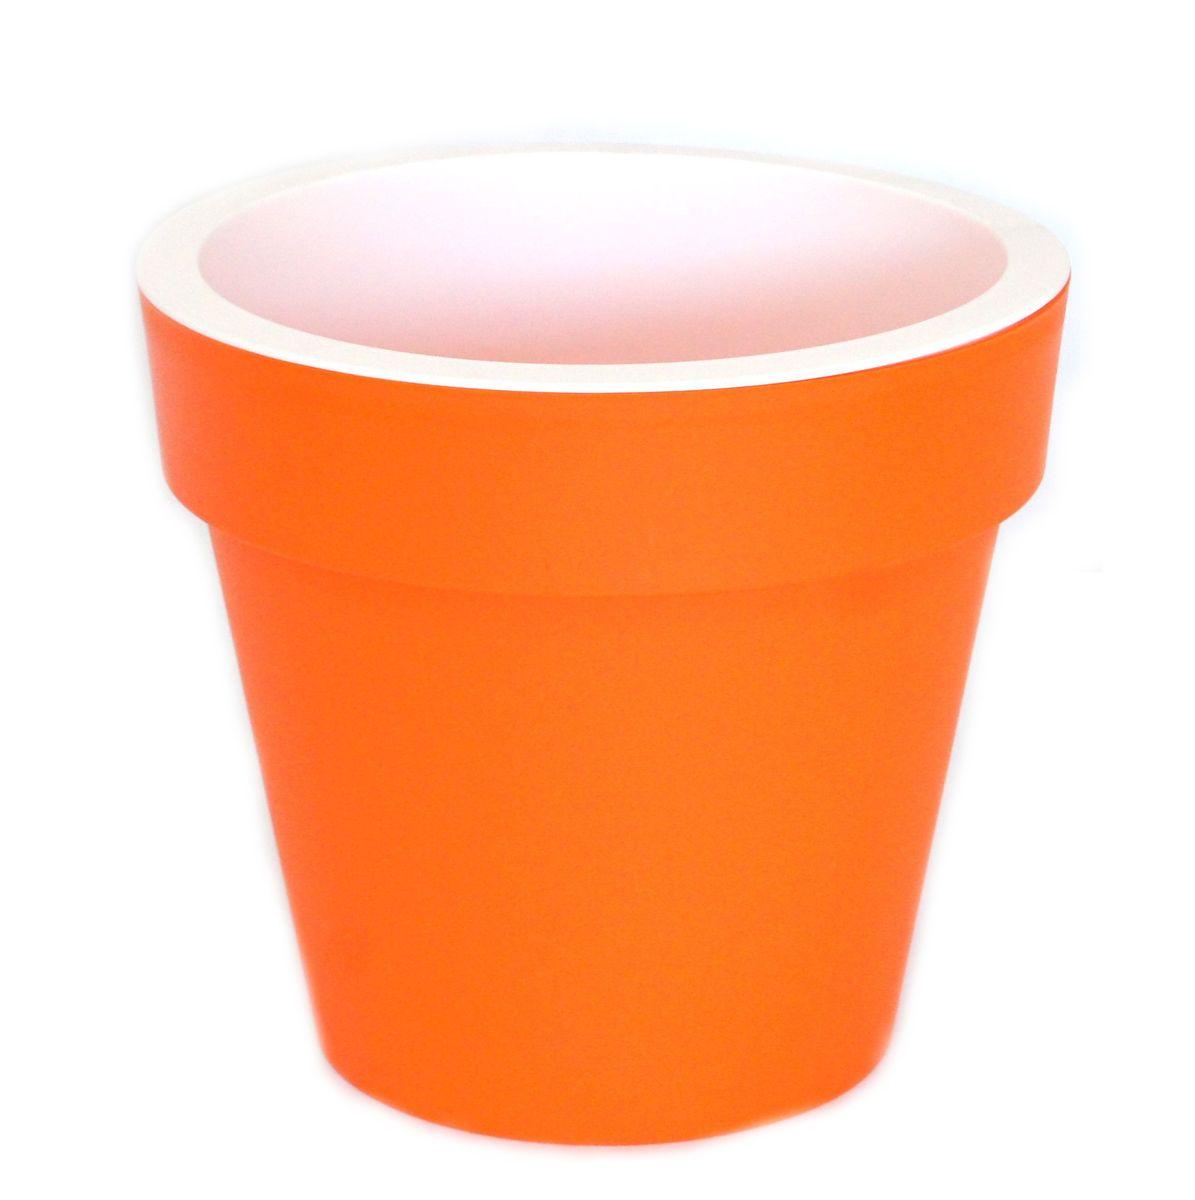 Кашпо JetPlast Порто, со вставкой, цвет: оранжевый, 9 л4612754053049Кашпо классической формы с внутренней вставкой-горшком. Дренажная вставка позволяет легко поливать растения без использования дополнительного поддона. Вместительный объем кашпо позволяет высаживать самые разнообразные растения, а съемная вставка избавит вас от грязи и подчеркнет красоту цветка.